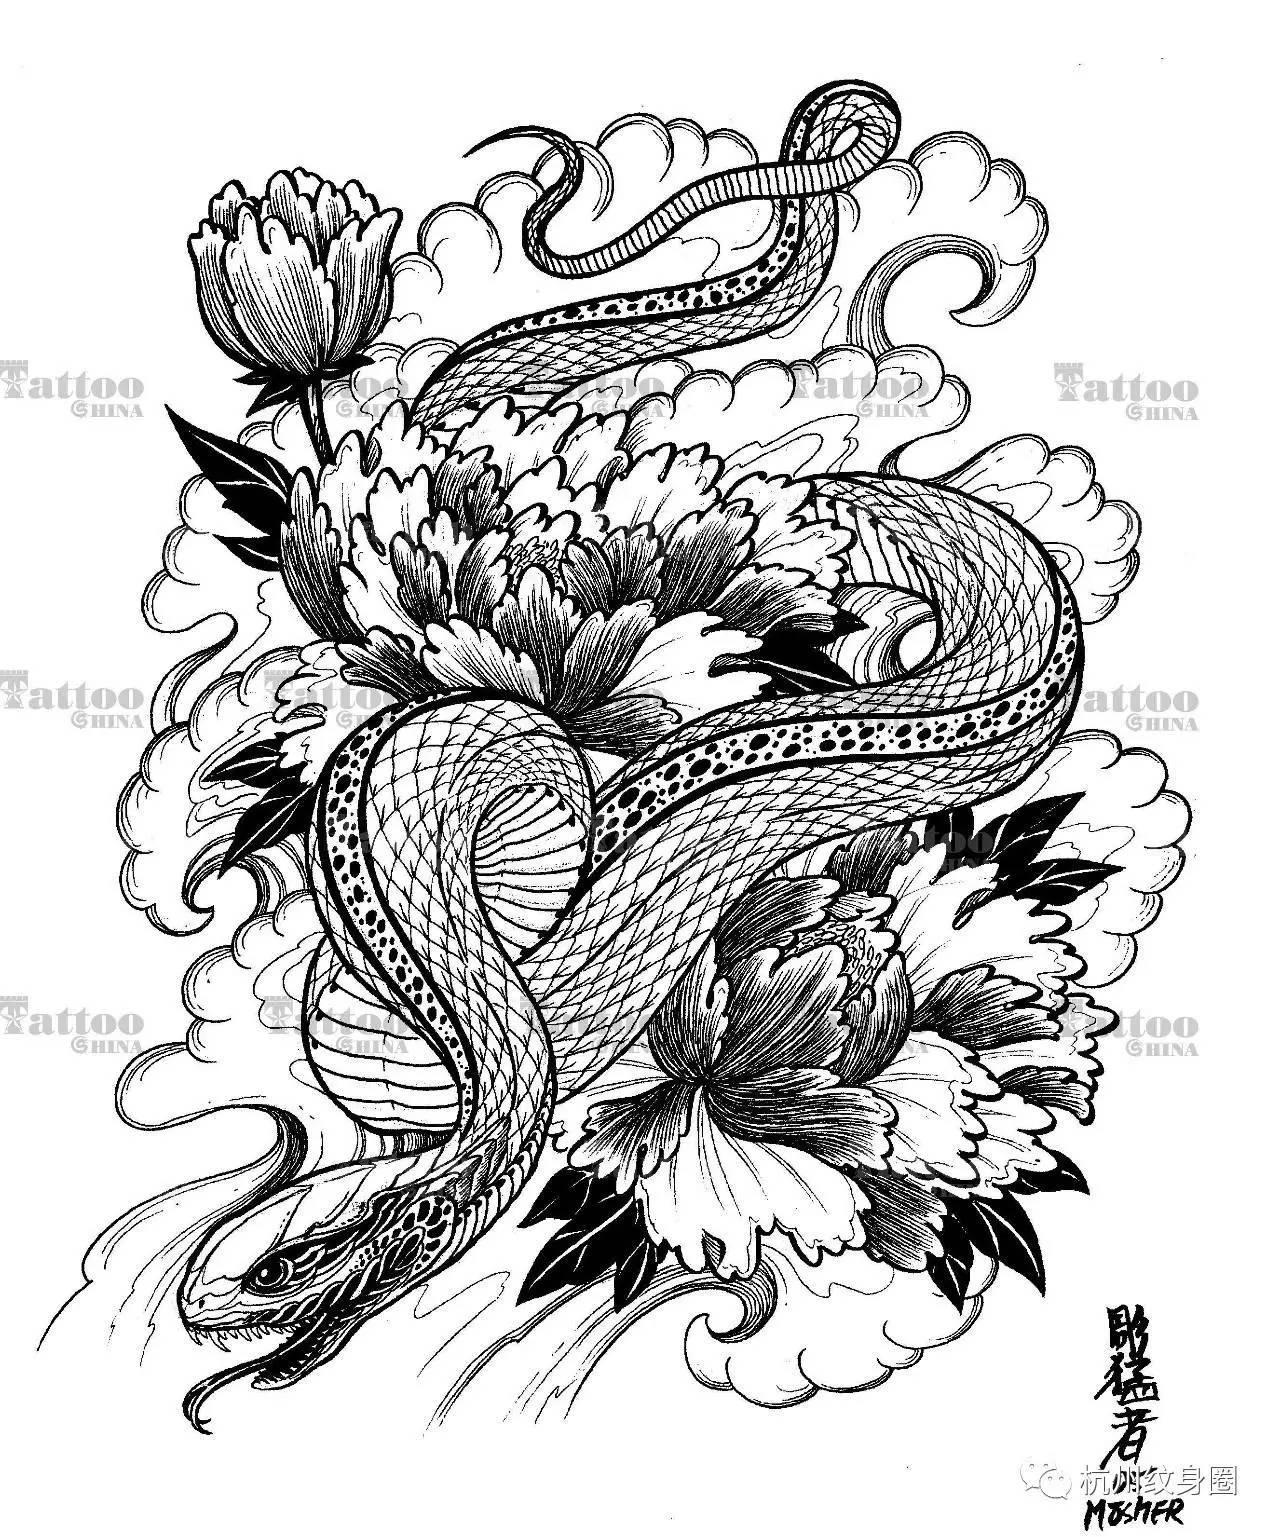 tattoo | 纹身素材:蛇